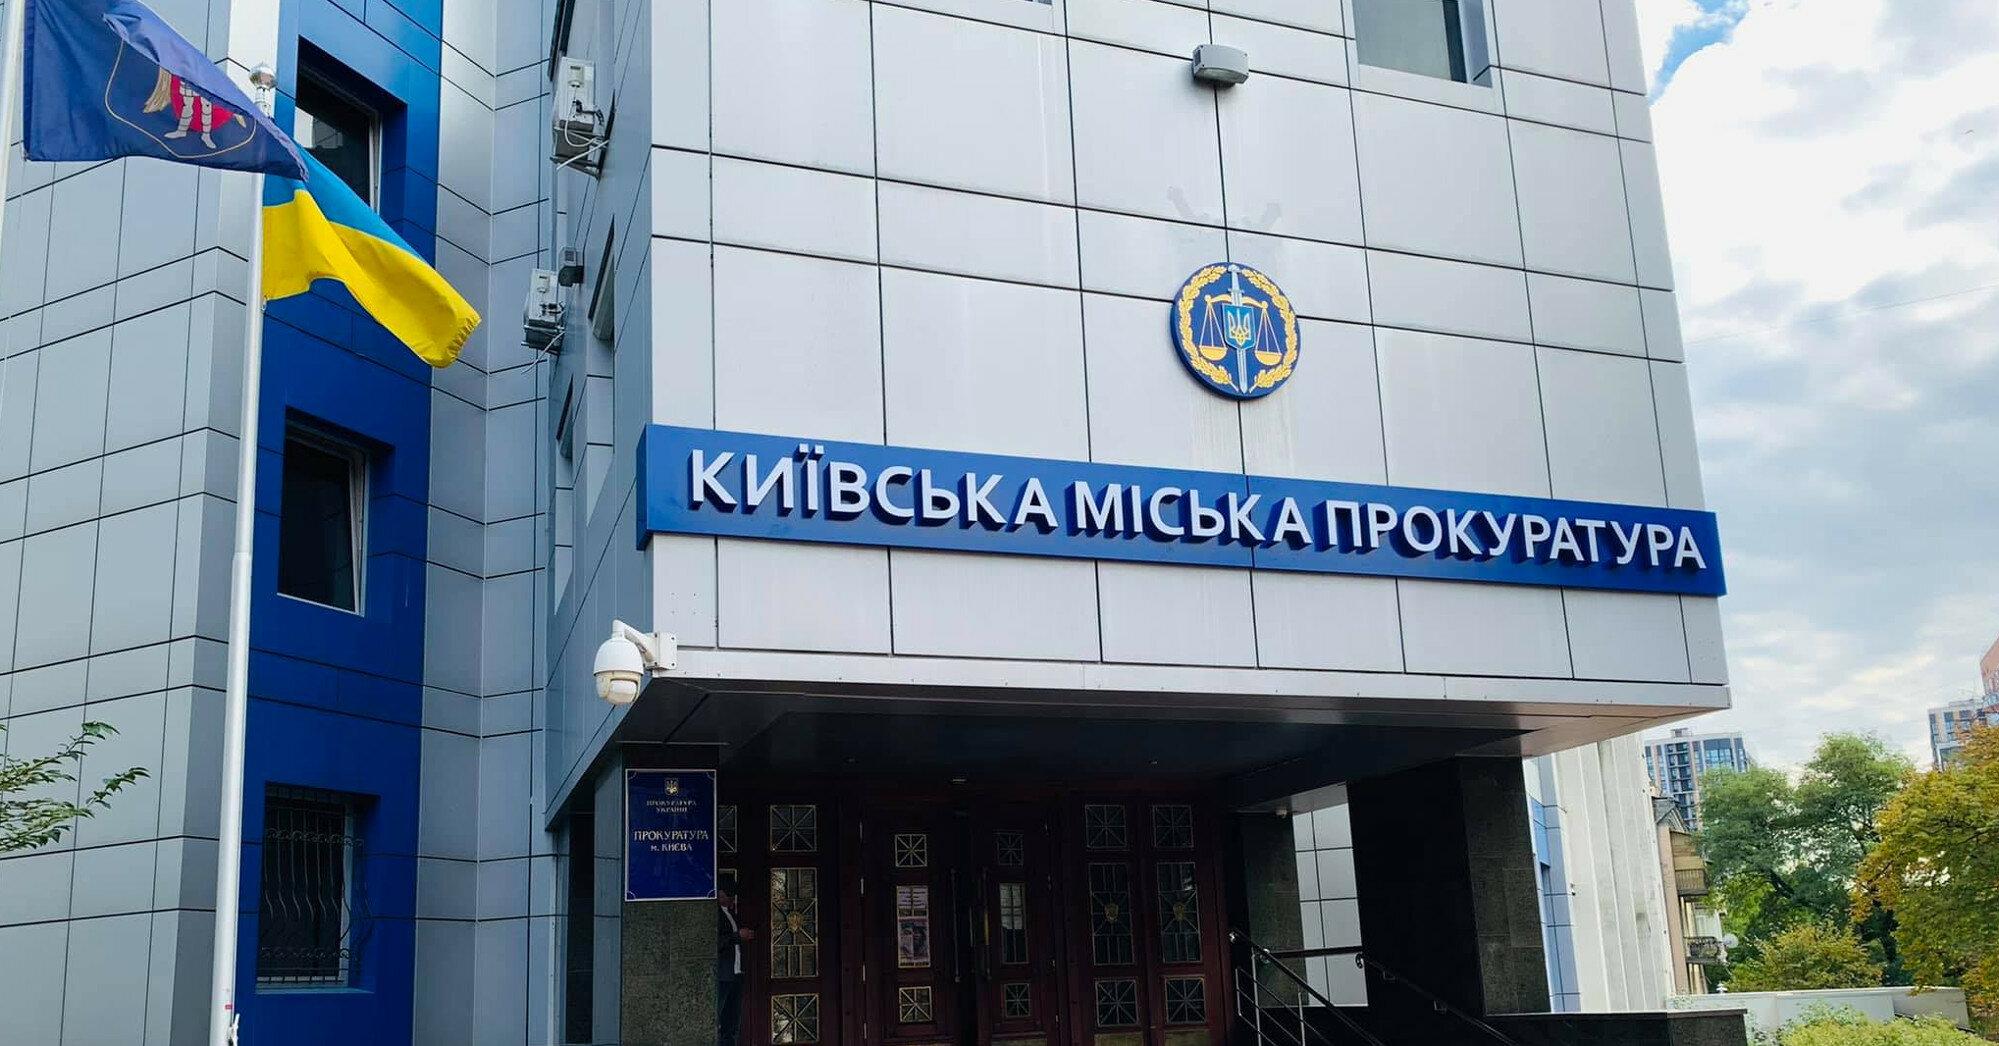 """В """"Киевжилспецэксплуатация"""" проходят обыски"""